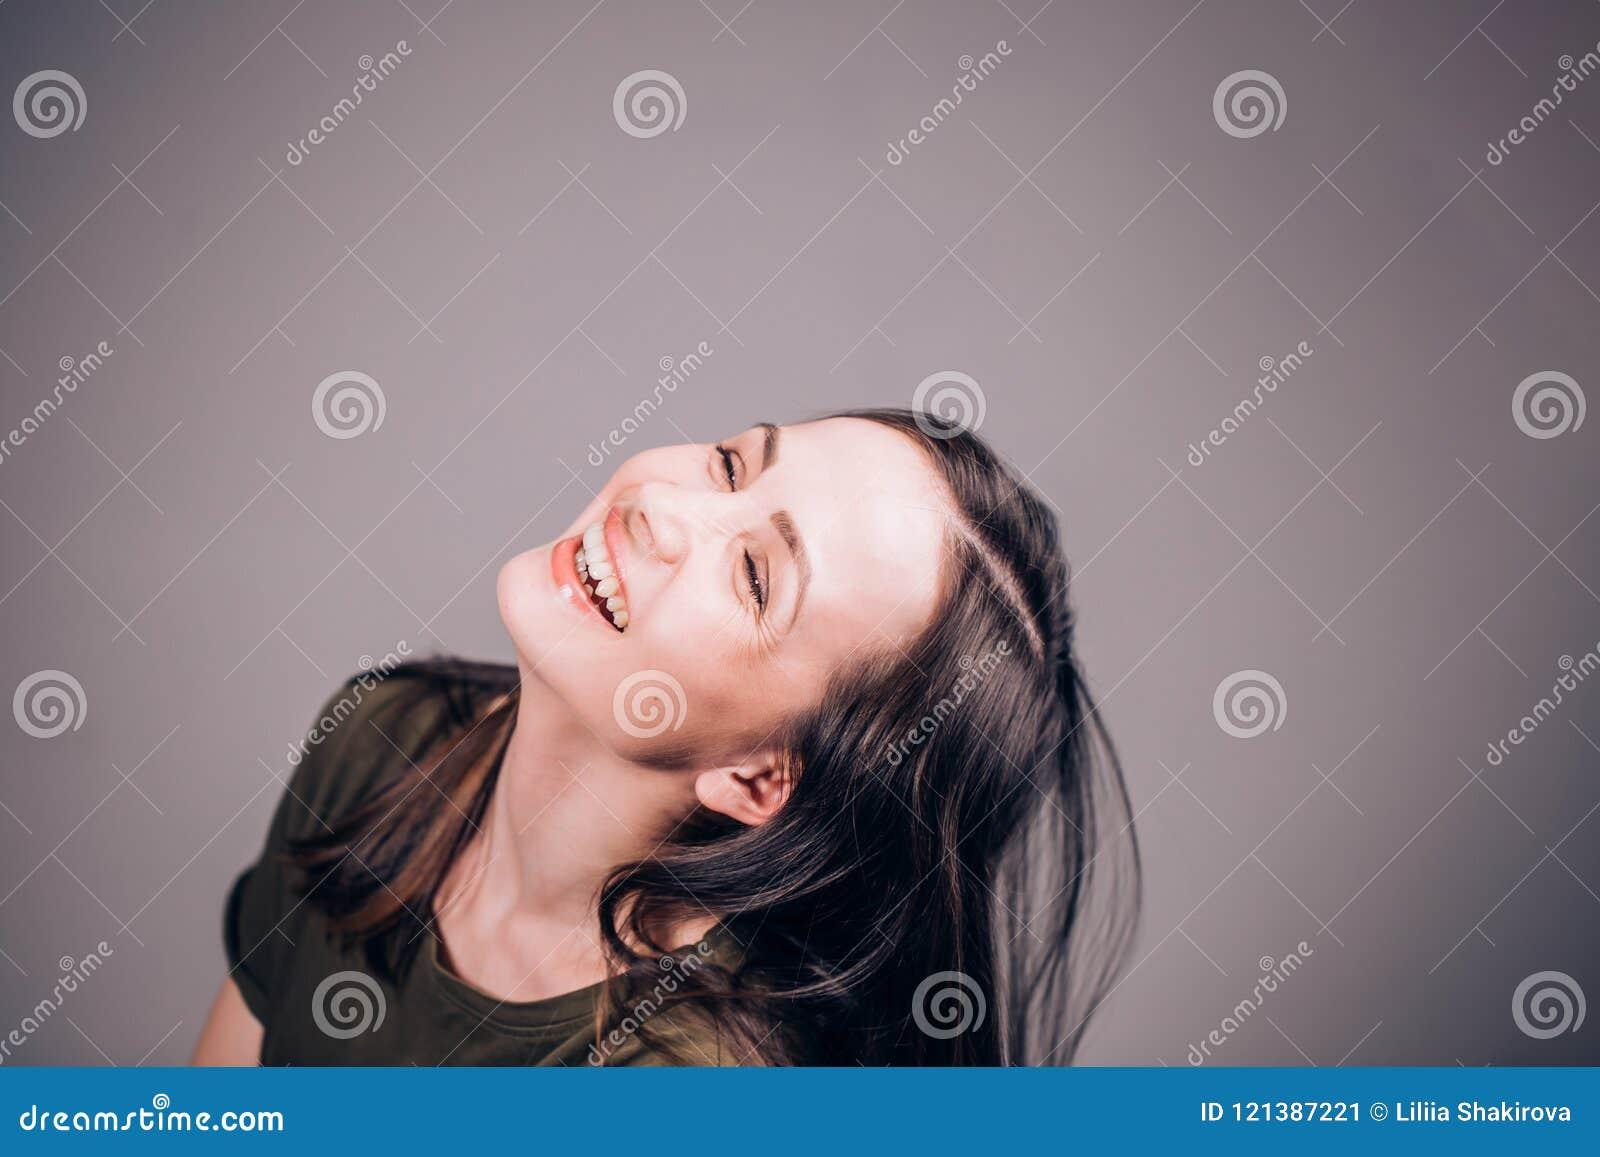 Μια όμορφη γυναίκα γελά απευθείας αστείος πολύ Θετικές ανθρώπινες συγκινήσεις και εκφράσεις του προσώπου